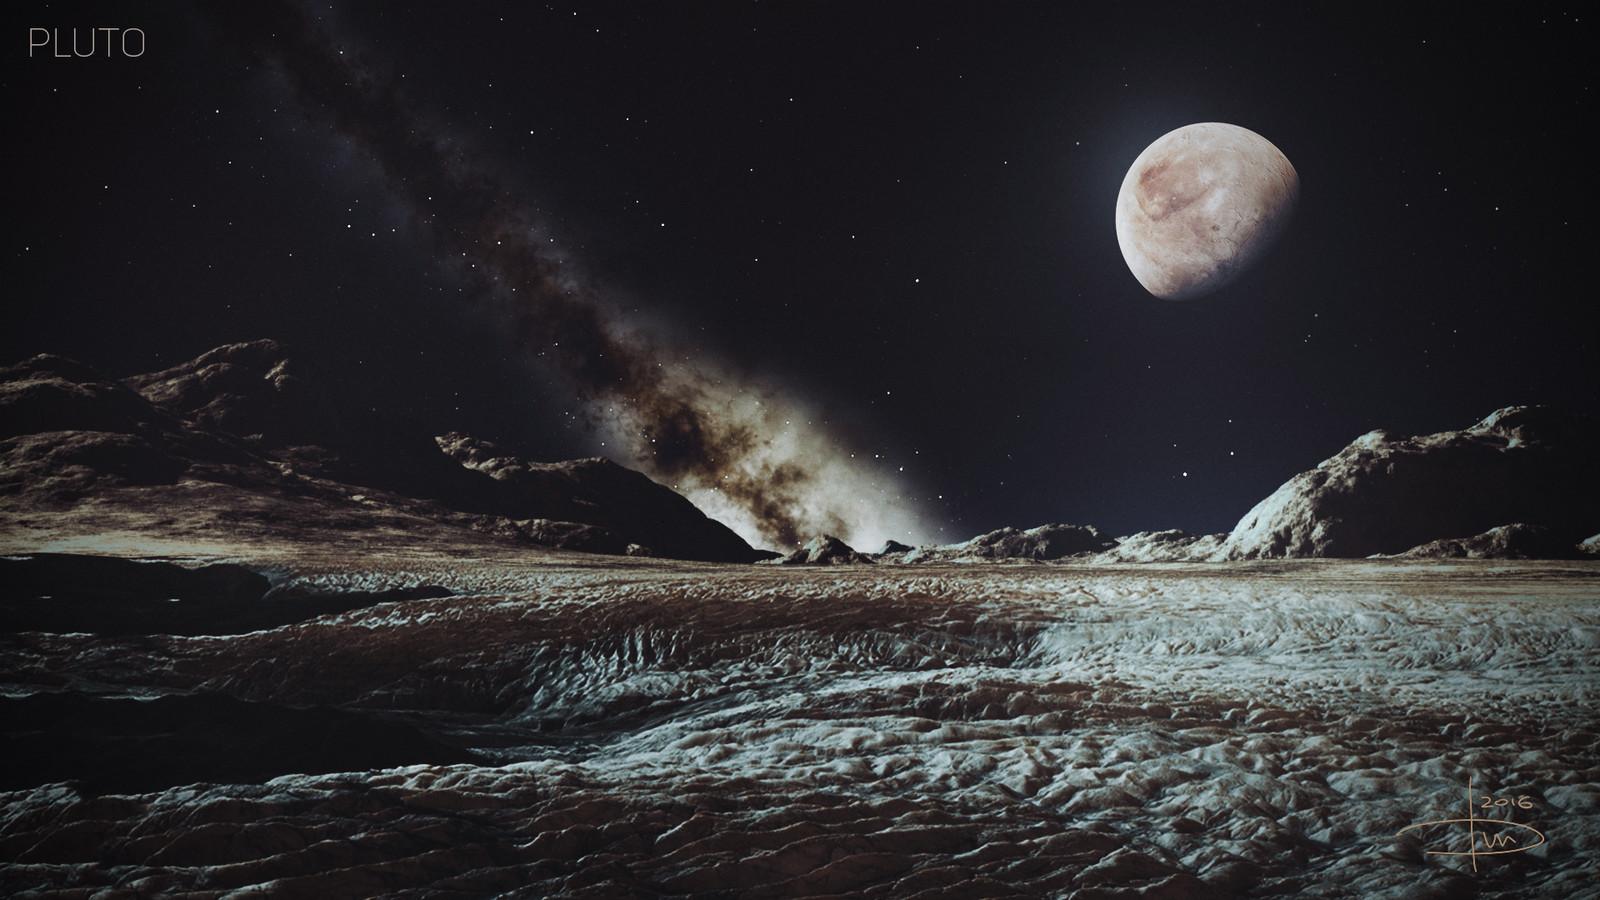 Pluto <3